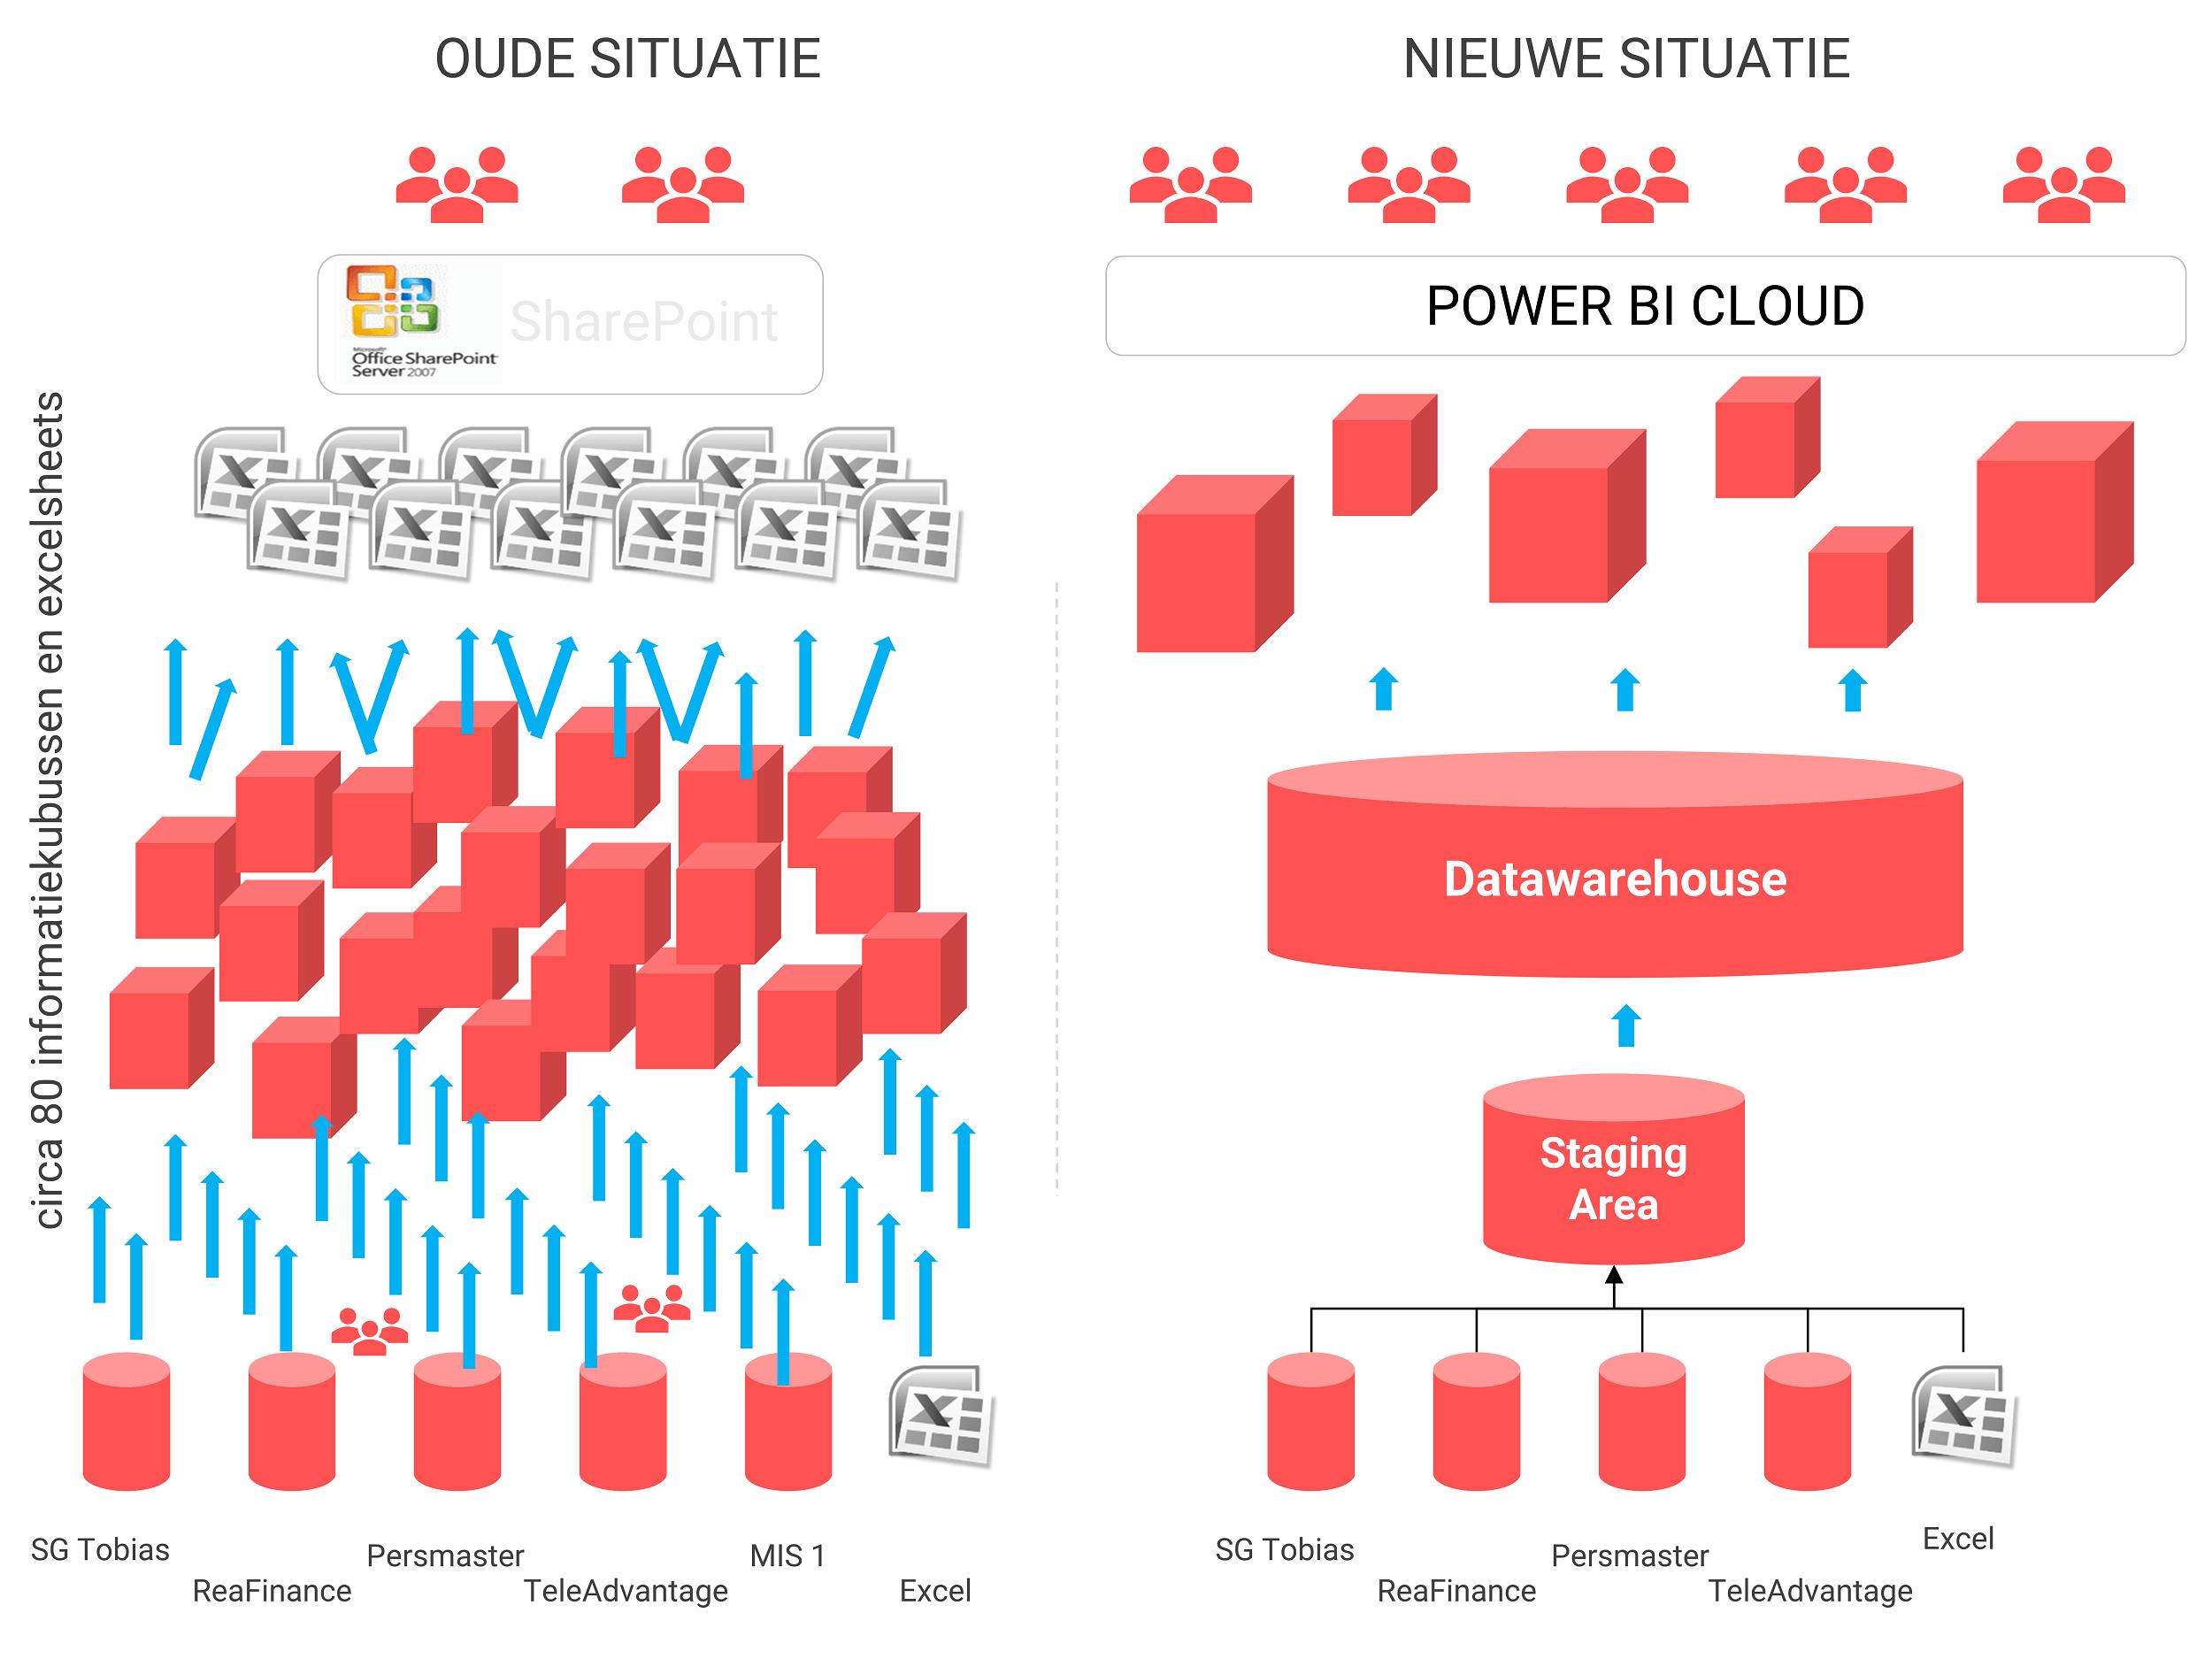 Architectuur voor en na optimalisatie